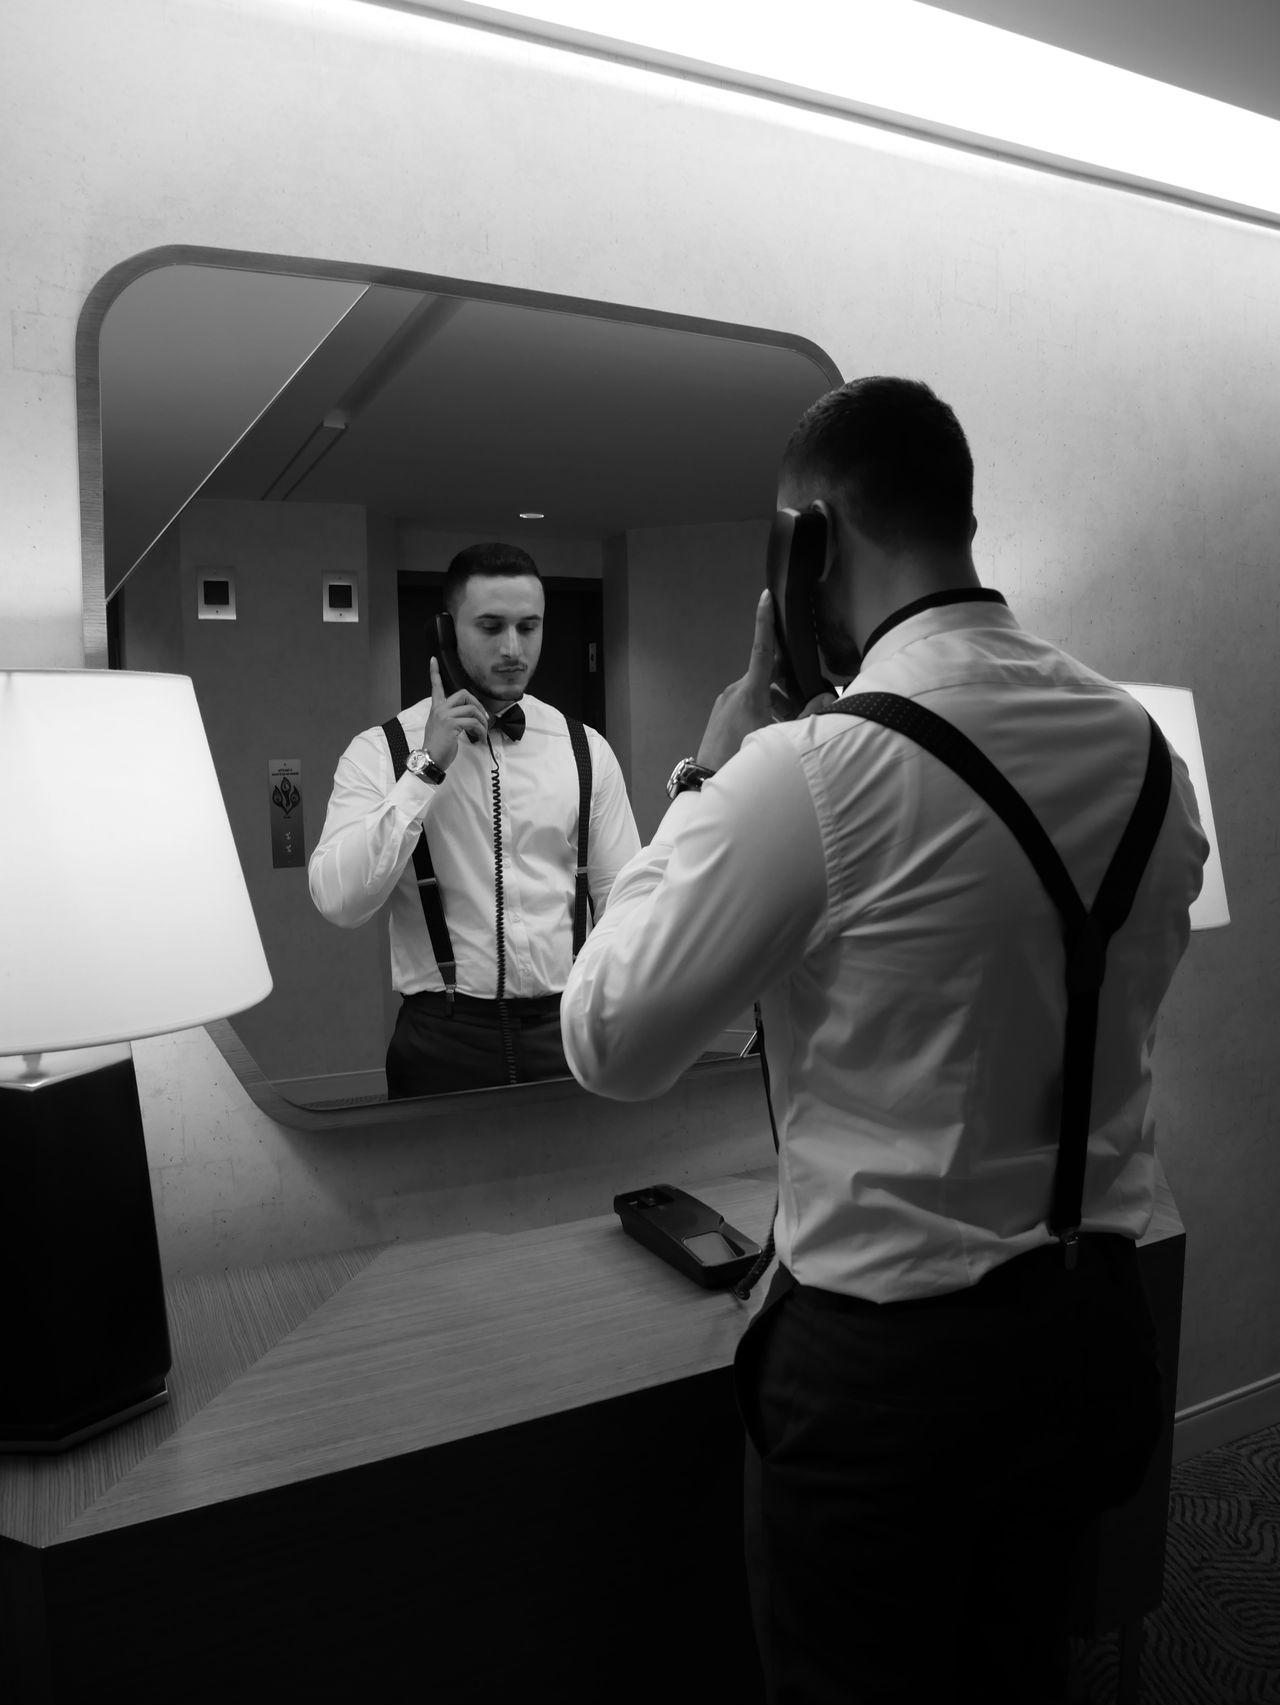 Adult Blackandwhite Business Businessman Indoors  Mafia  Mirror Retro Suit